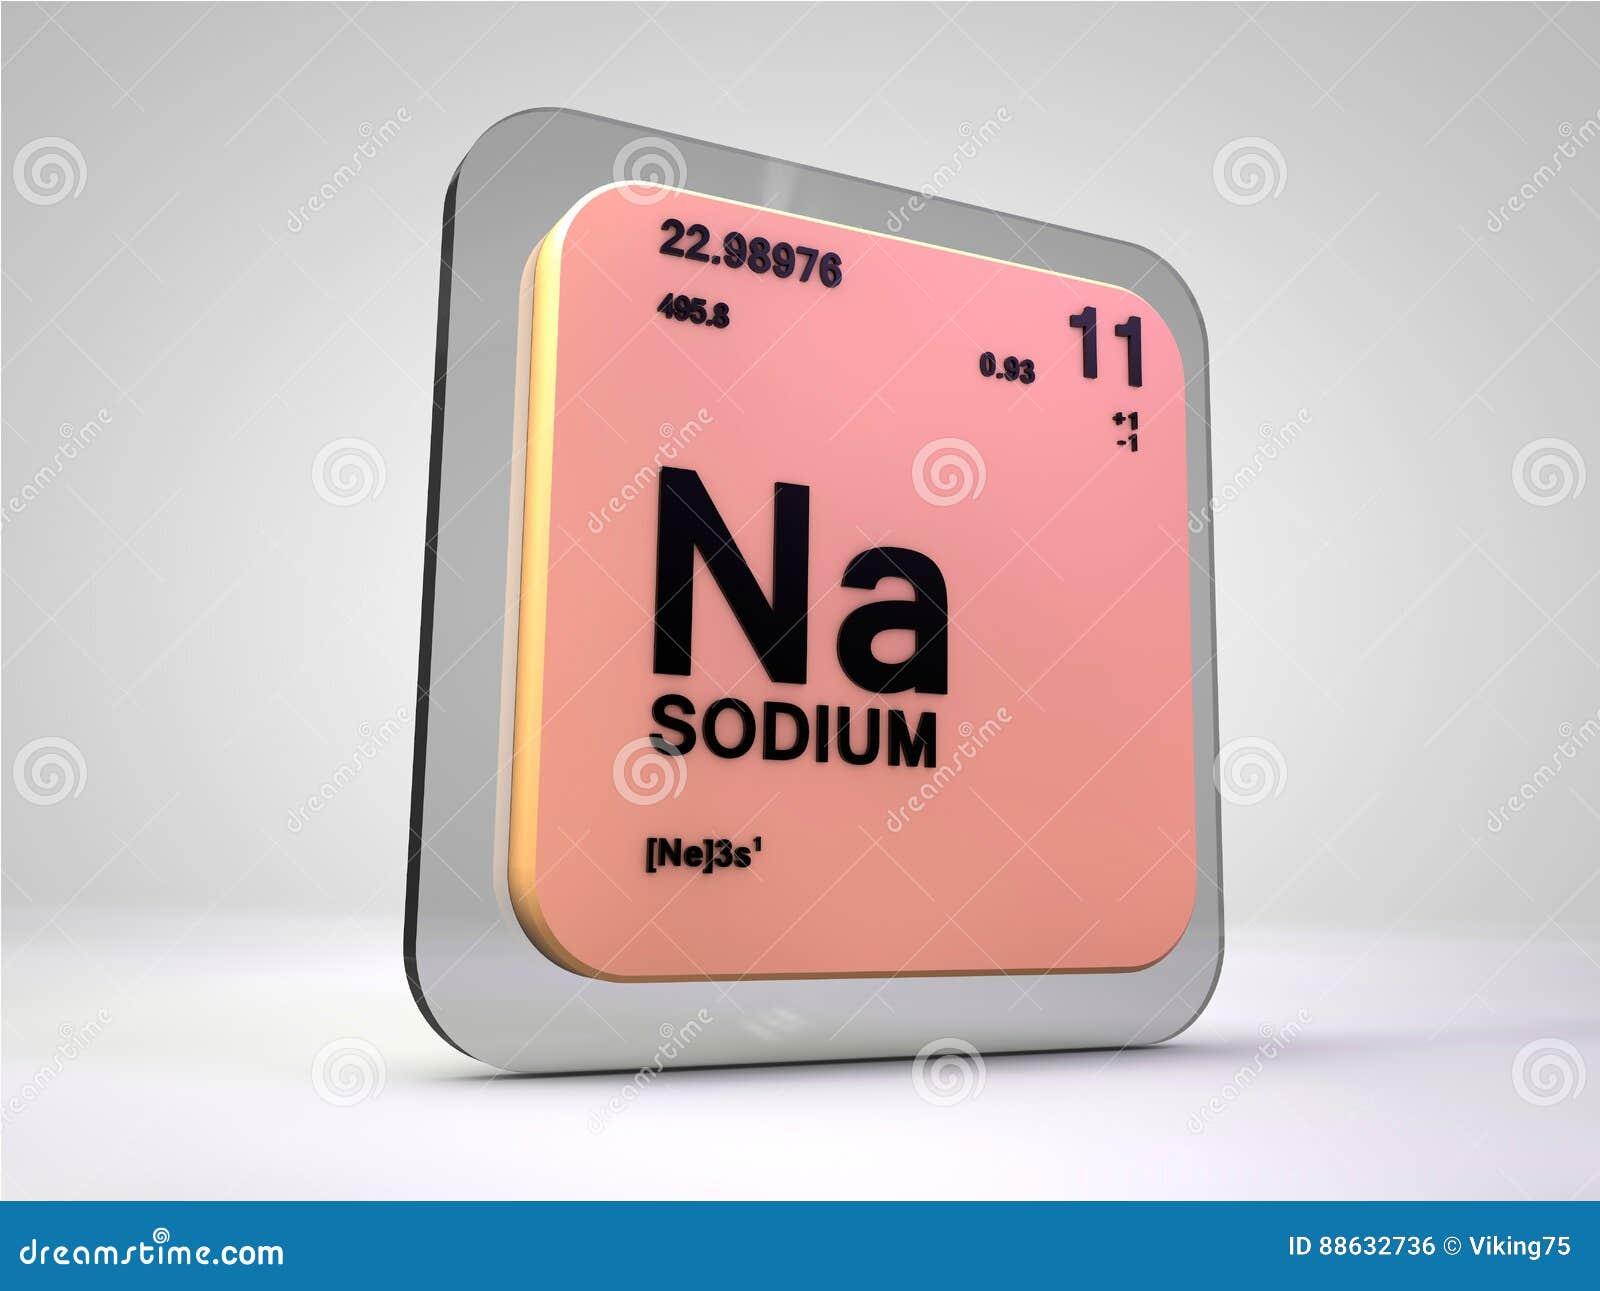 Sodio na tabla peridica del elemento qumico stock de download comp urtaz Choice Image